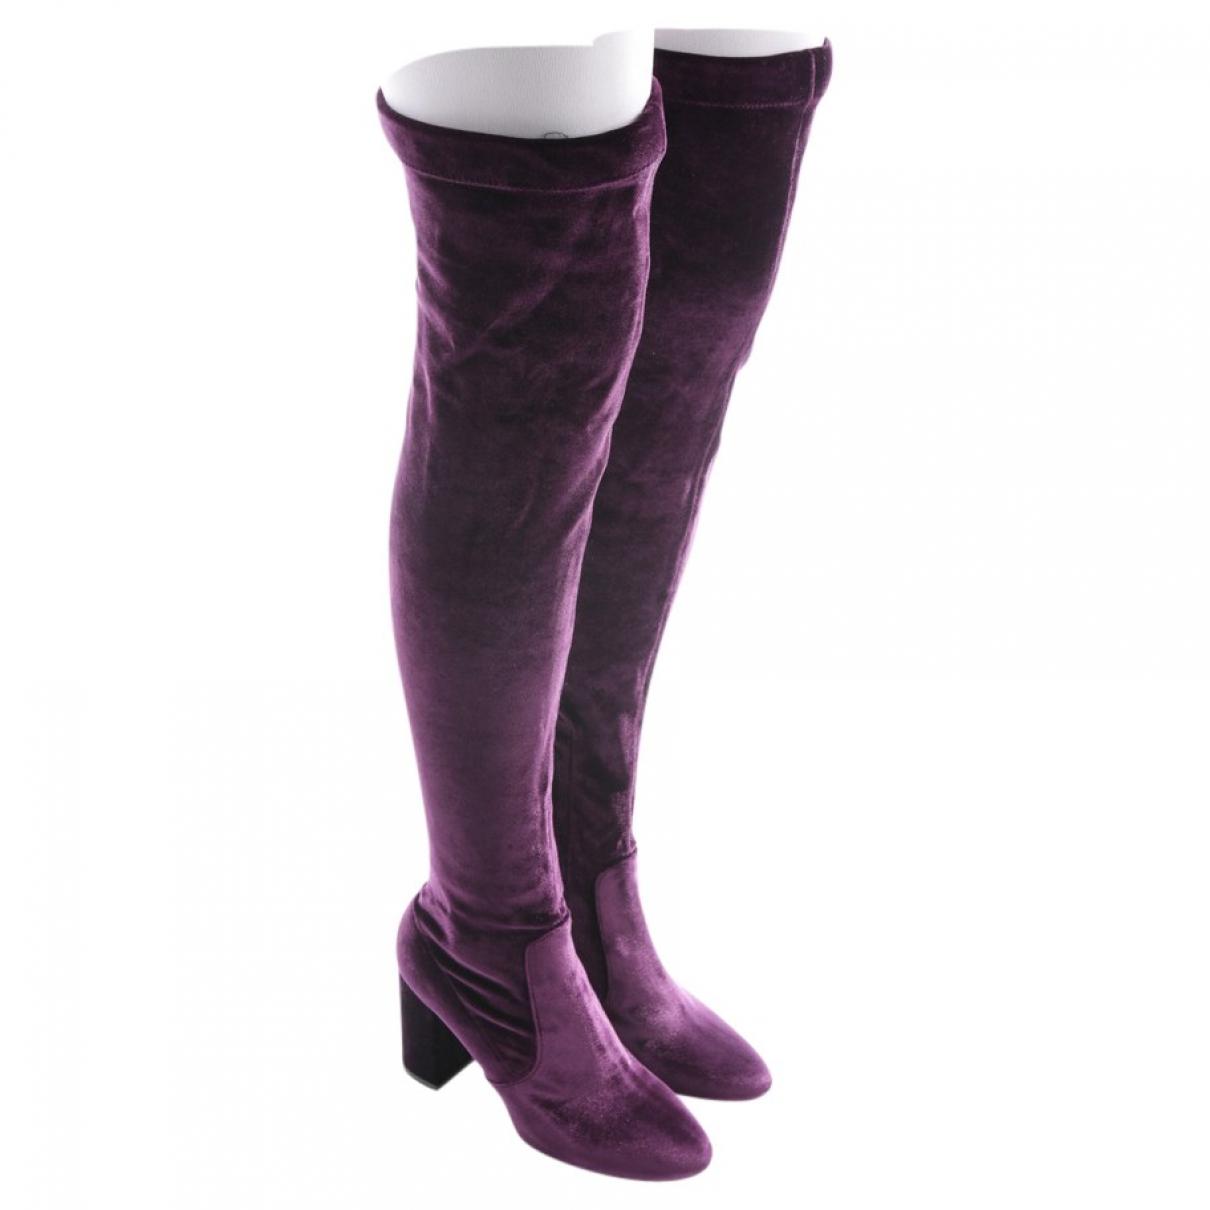 Aquazzura - Bottes   pour femme en velours - violet